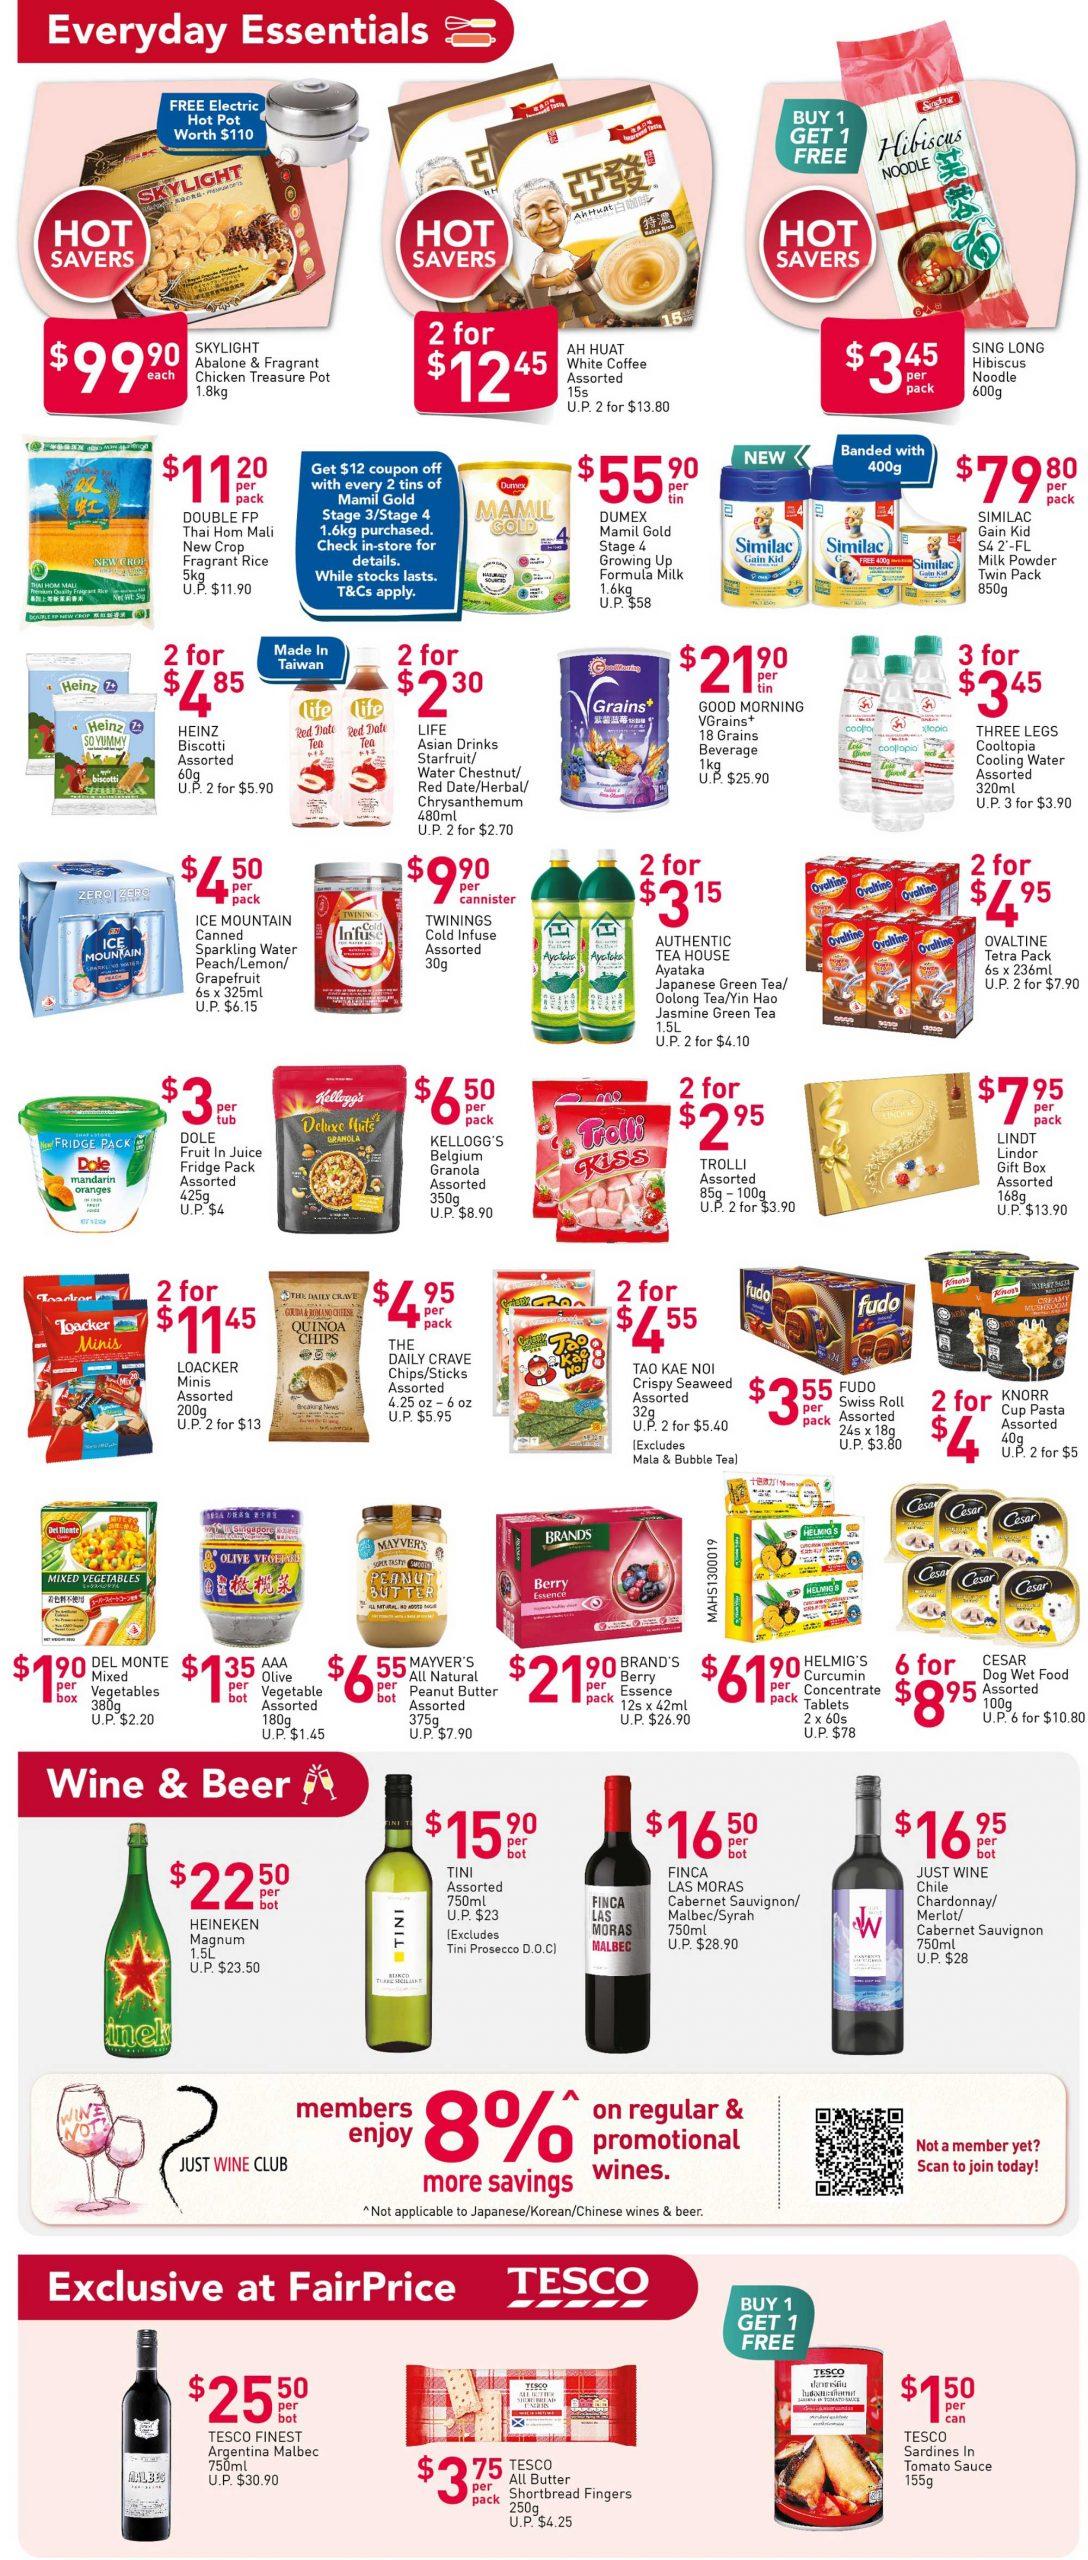 FairPrice's weekly saver deals till 16 December 2020